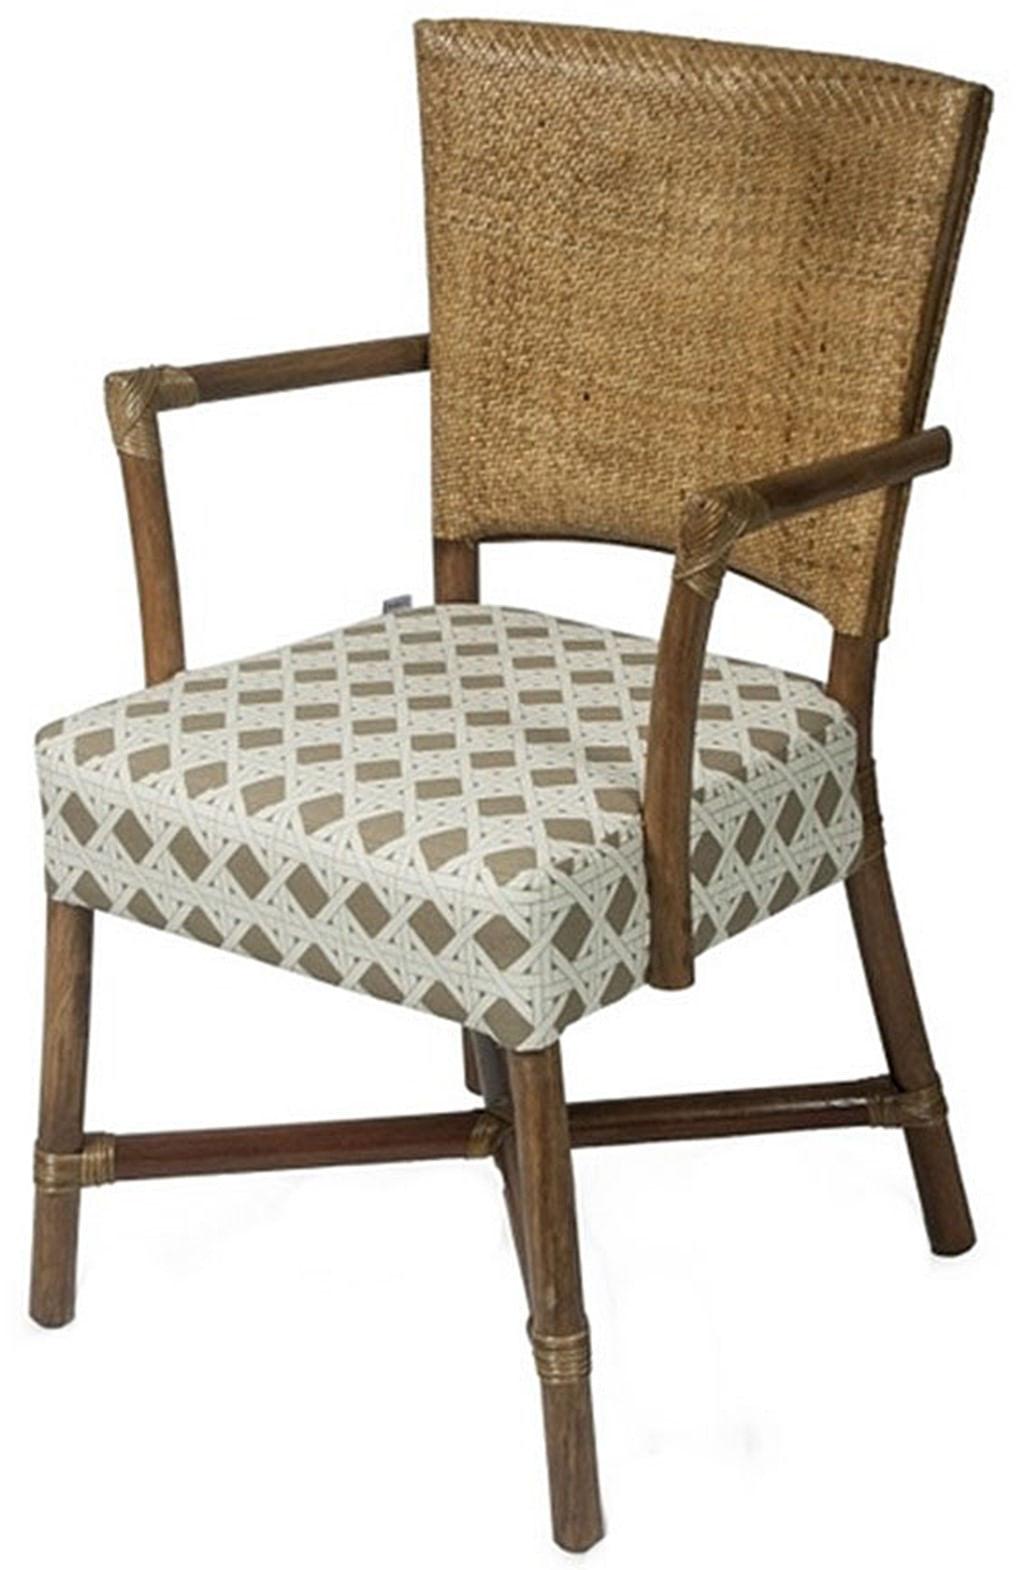 Cadeira Flint com Braco Assento Sarja Sextavada com Base Madeira Apui - 44724